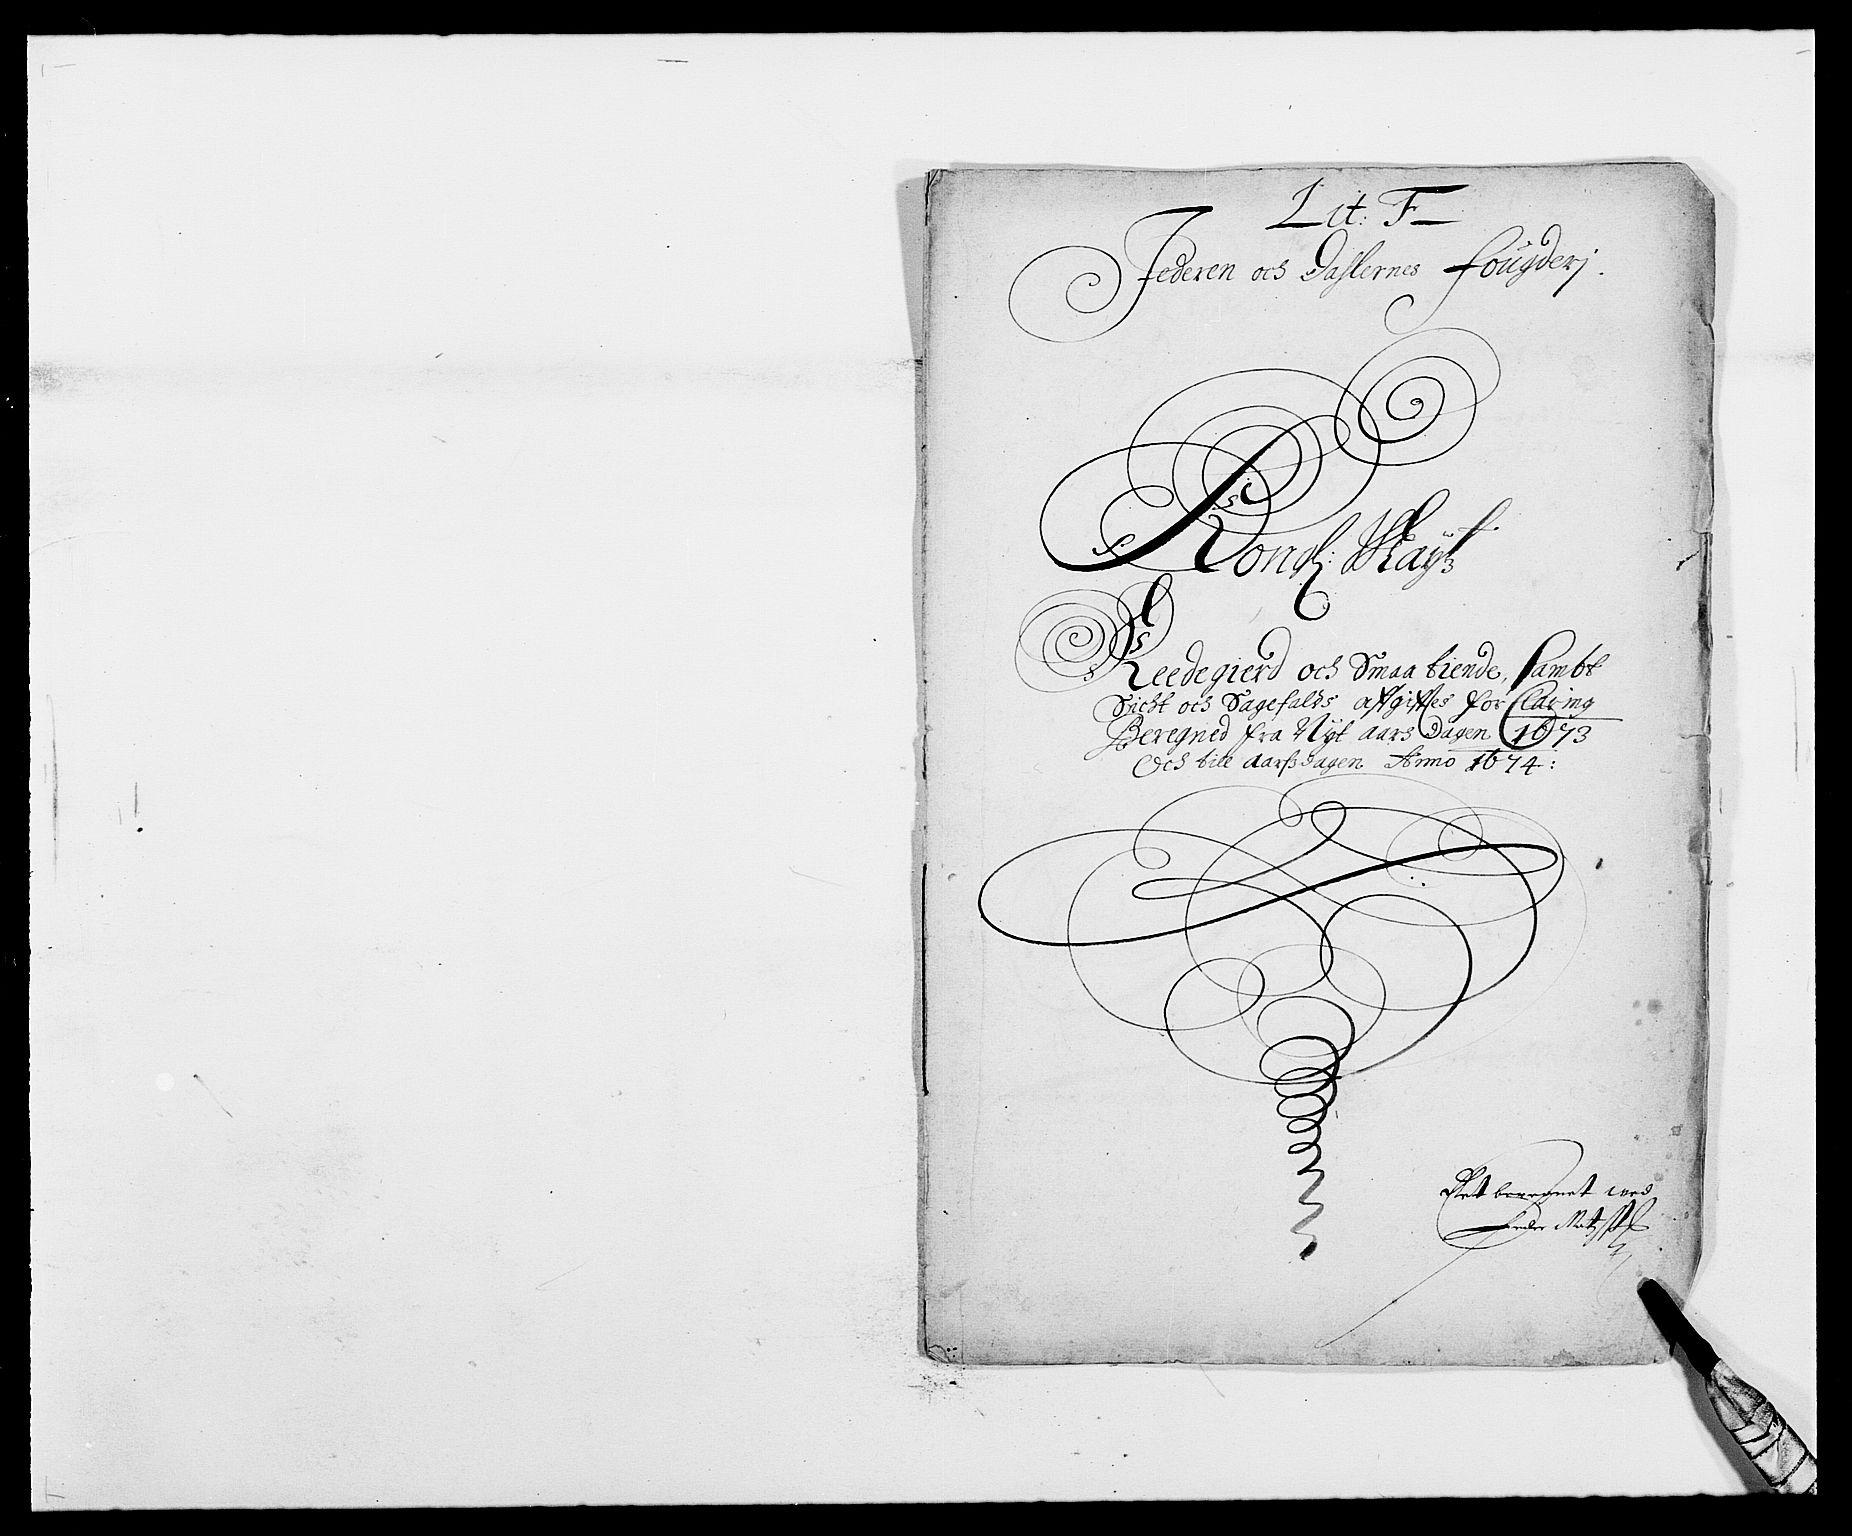 RA, Rentekammeret inntil 1814, Reviderte regnskaper, Fogderegnskap, R46/L2714: Fogderegnskap Jæren og Dalane, 1673-1674, s. 114